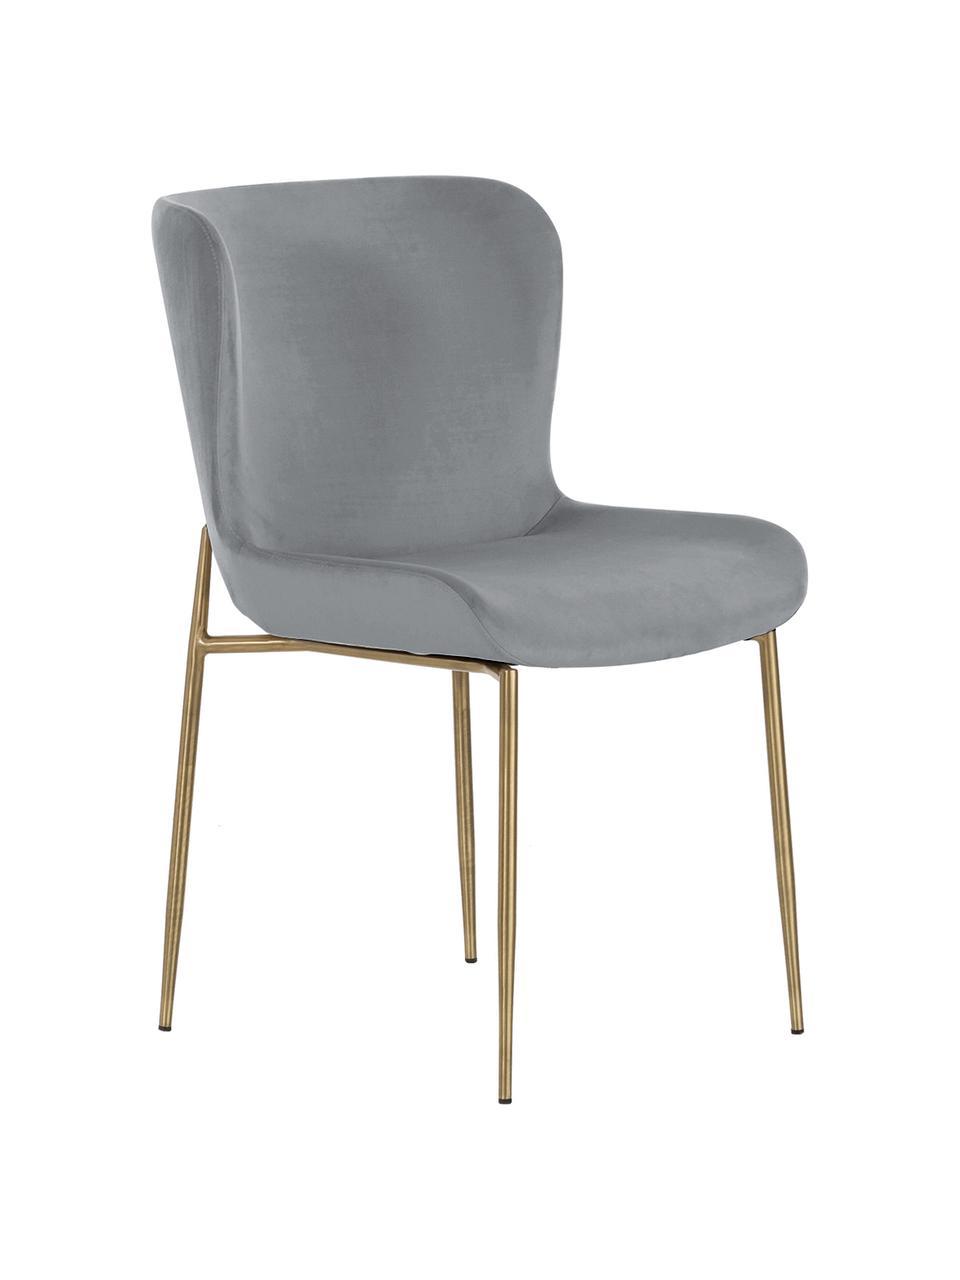 Samt-Polsterstuhl Tess in Grau, Bezug: Samt (Polyester) Der hoch, Beine: Metall, pulverbeschichtet, Samt Grau, Beine Gold, B 49 x T 64 cm